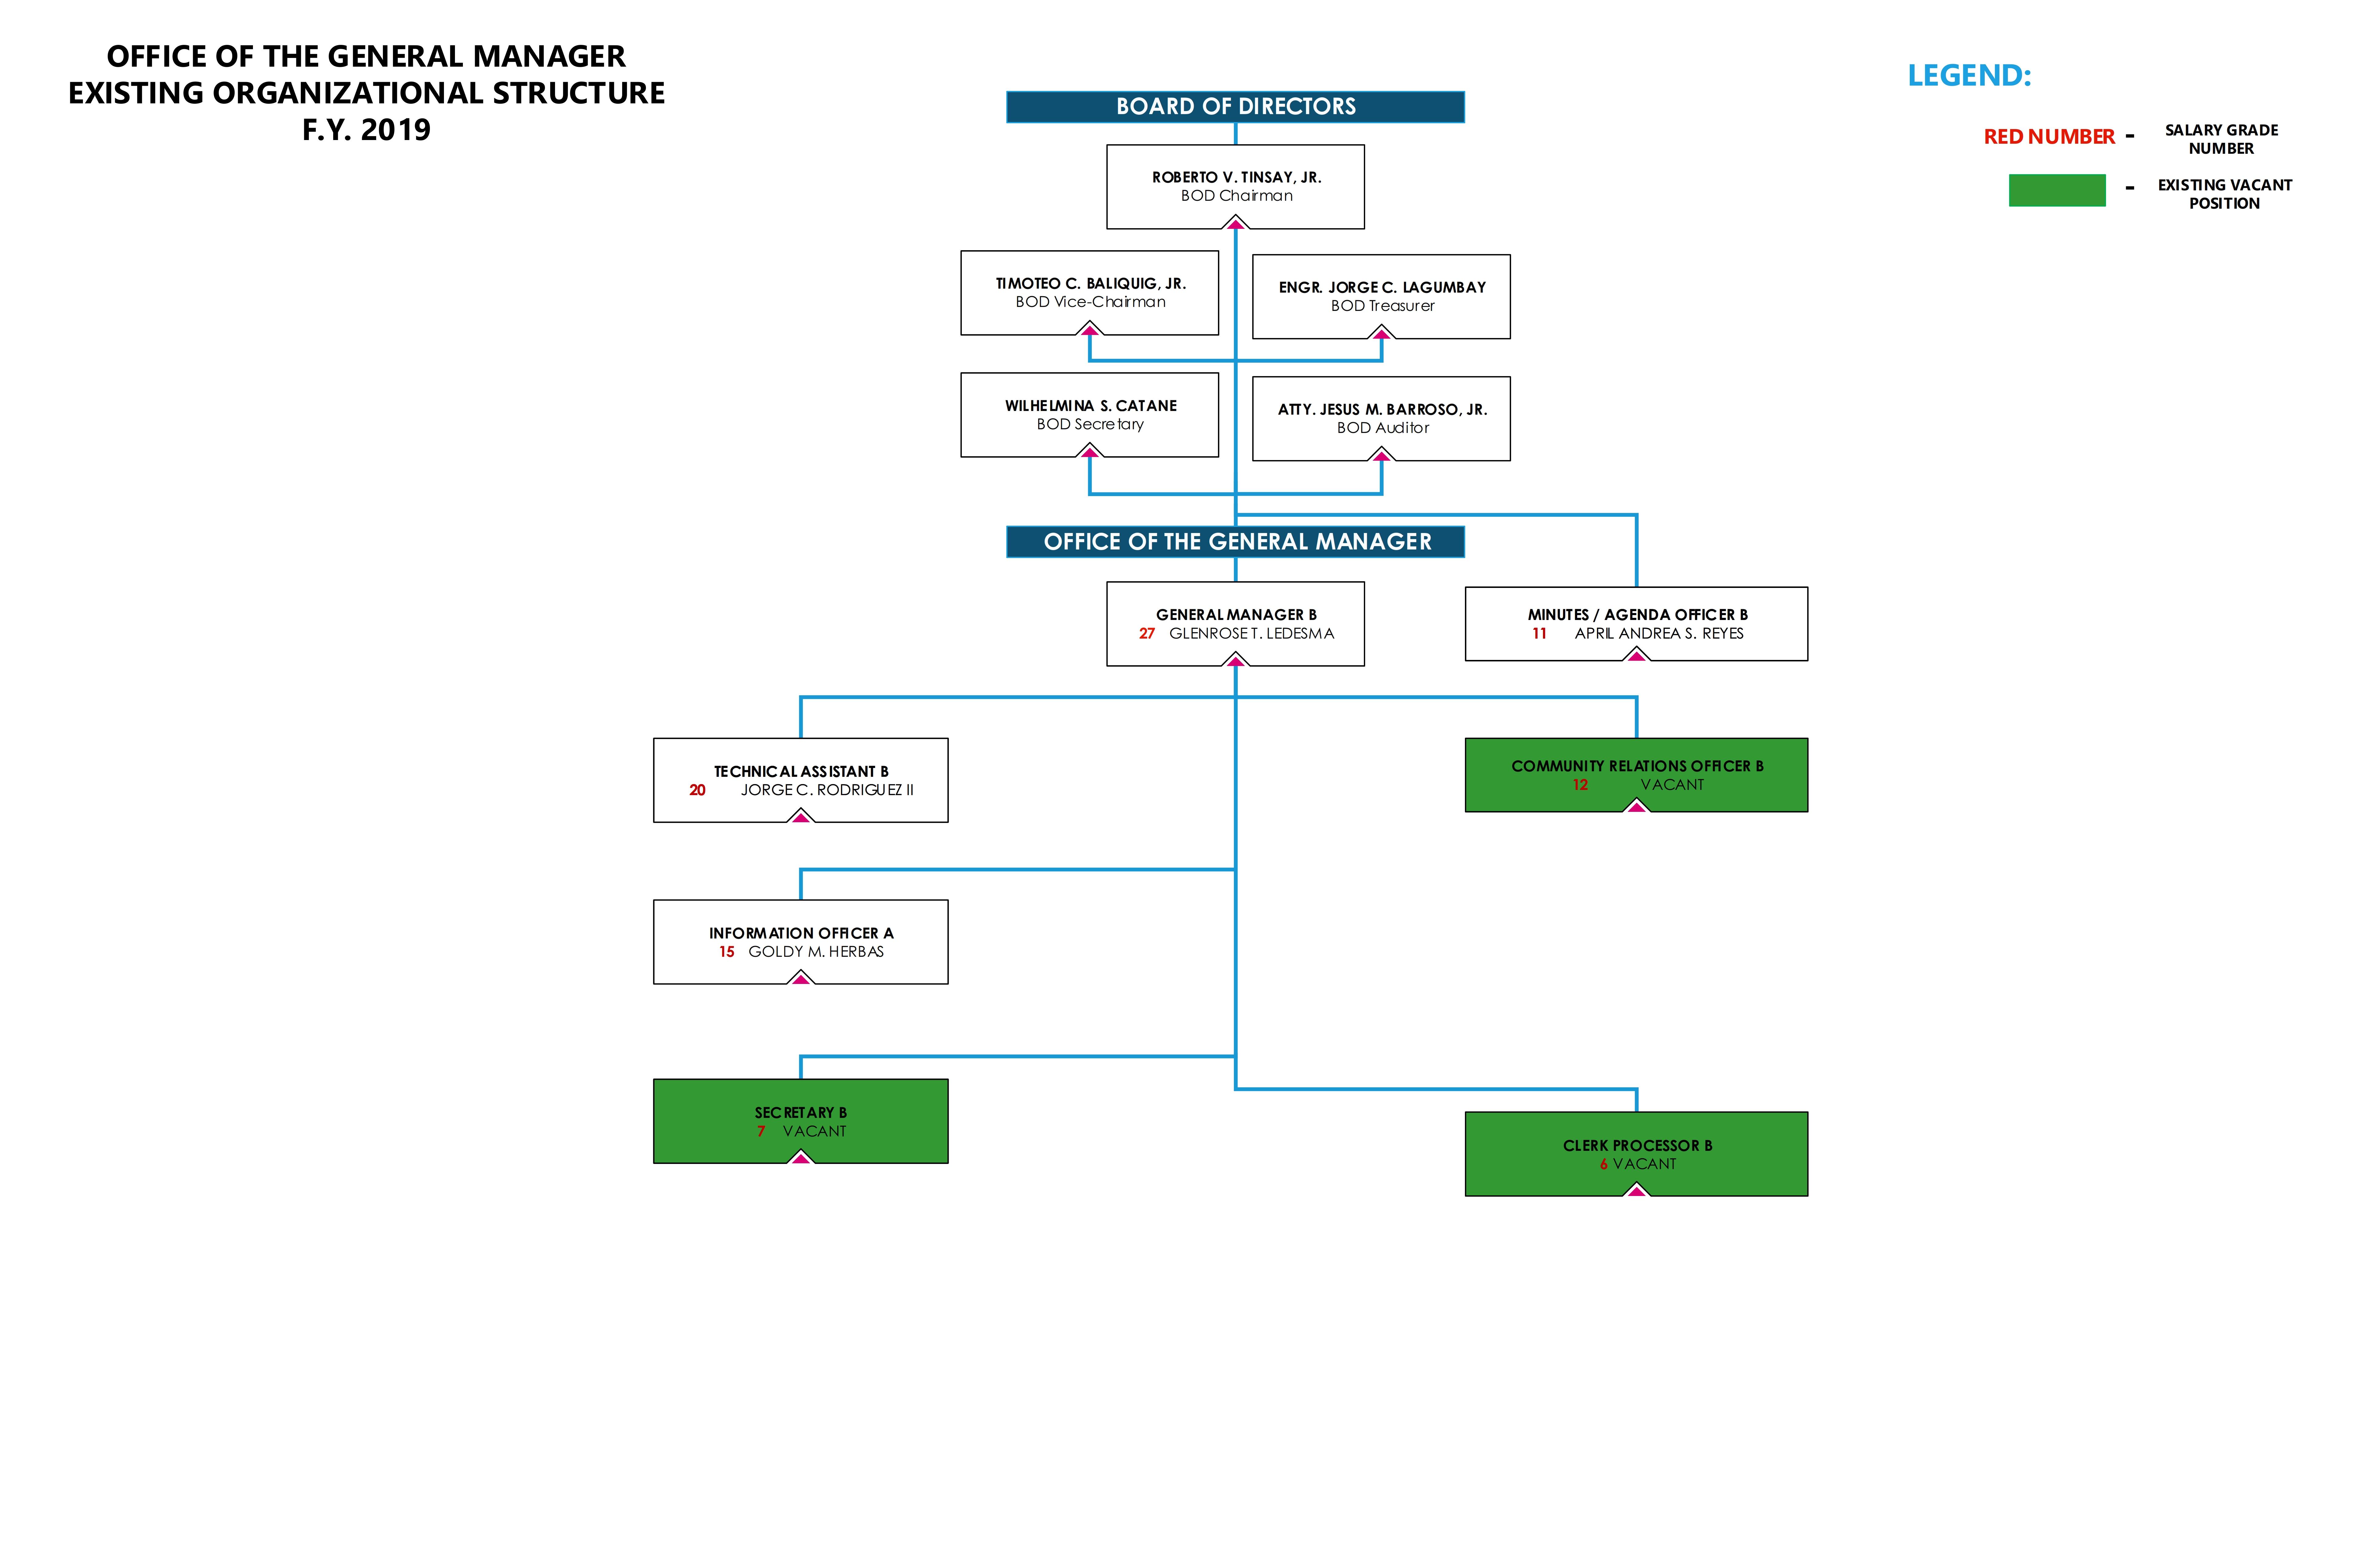 ORG CHART - OGM - 2019_001